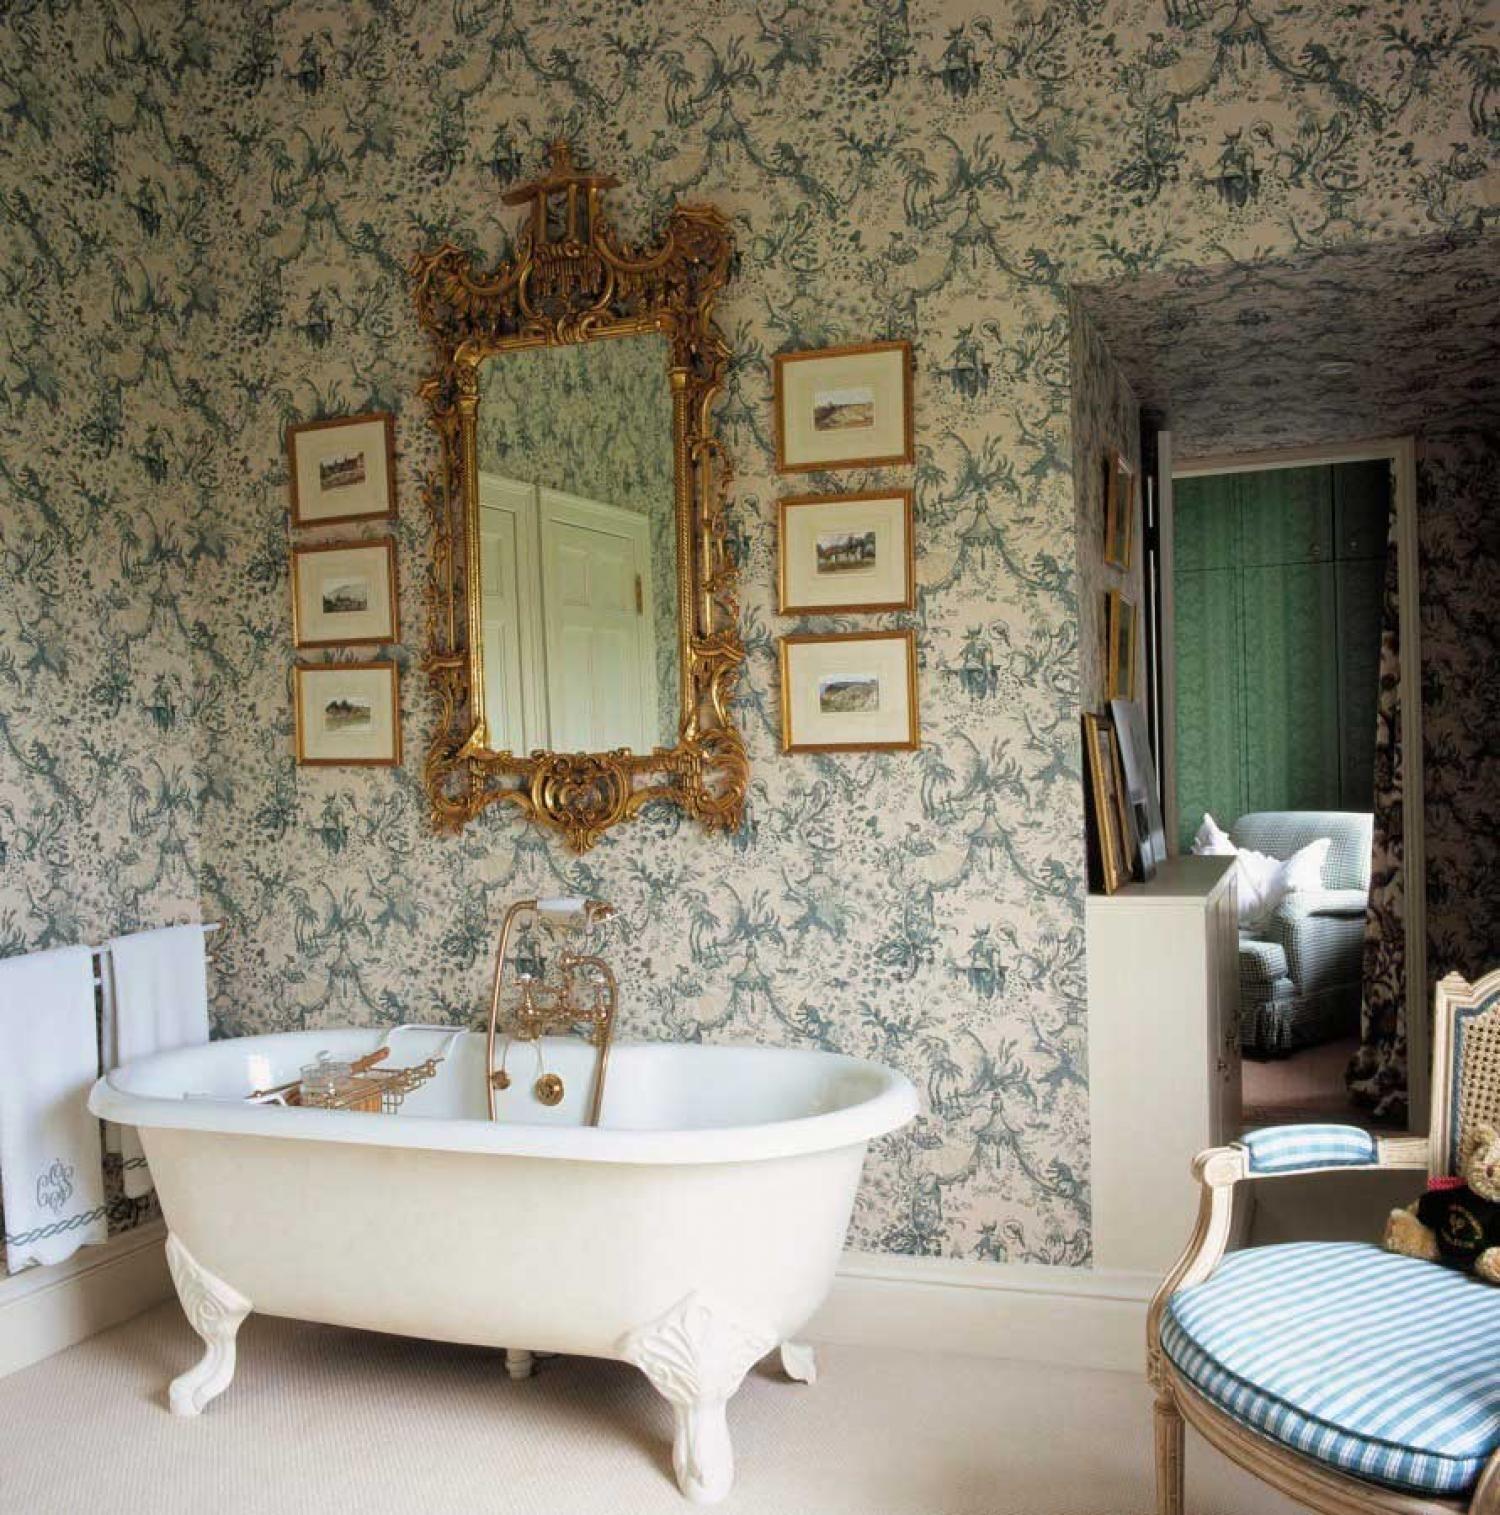 La hora del baño, viejas decoraciones del cuarto de baño, habitaciones mal baño elegante decoración del baño de estilo victoriano, romántico ()